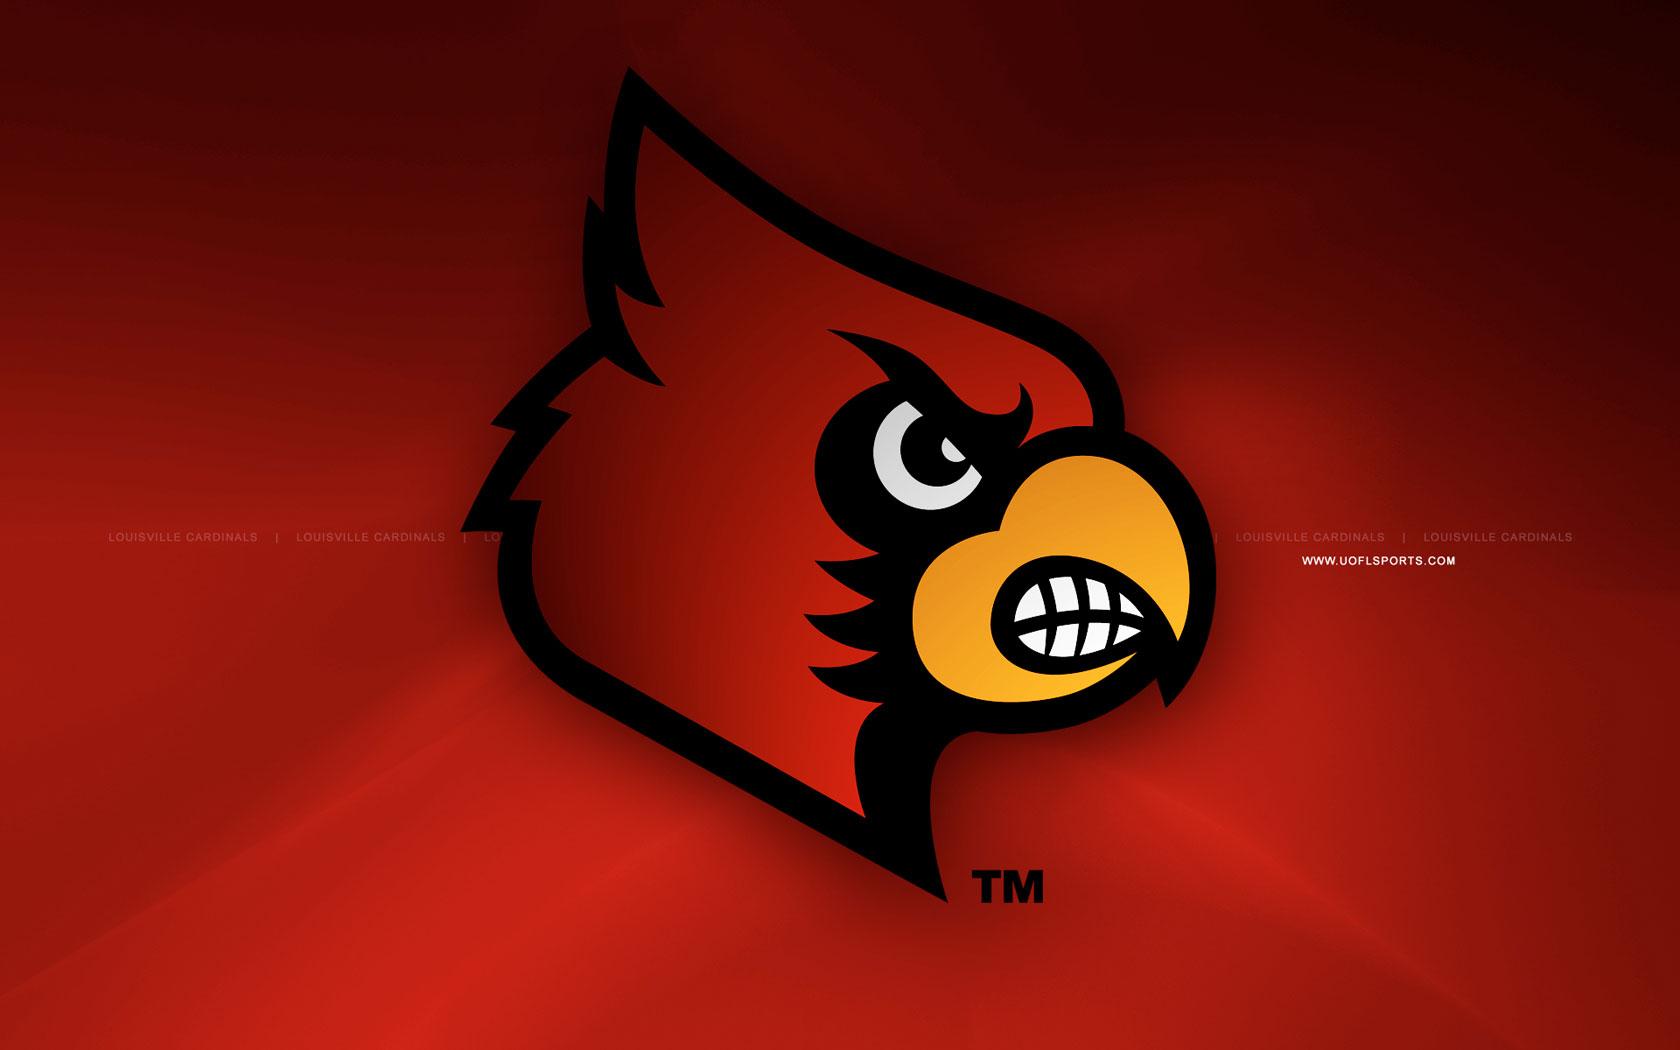 Louisville Cardinals Mascot Wallpaper 1680x1050